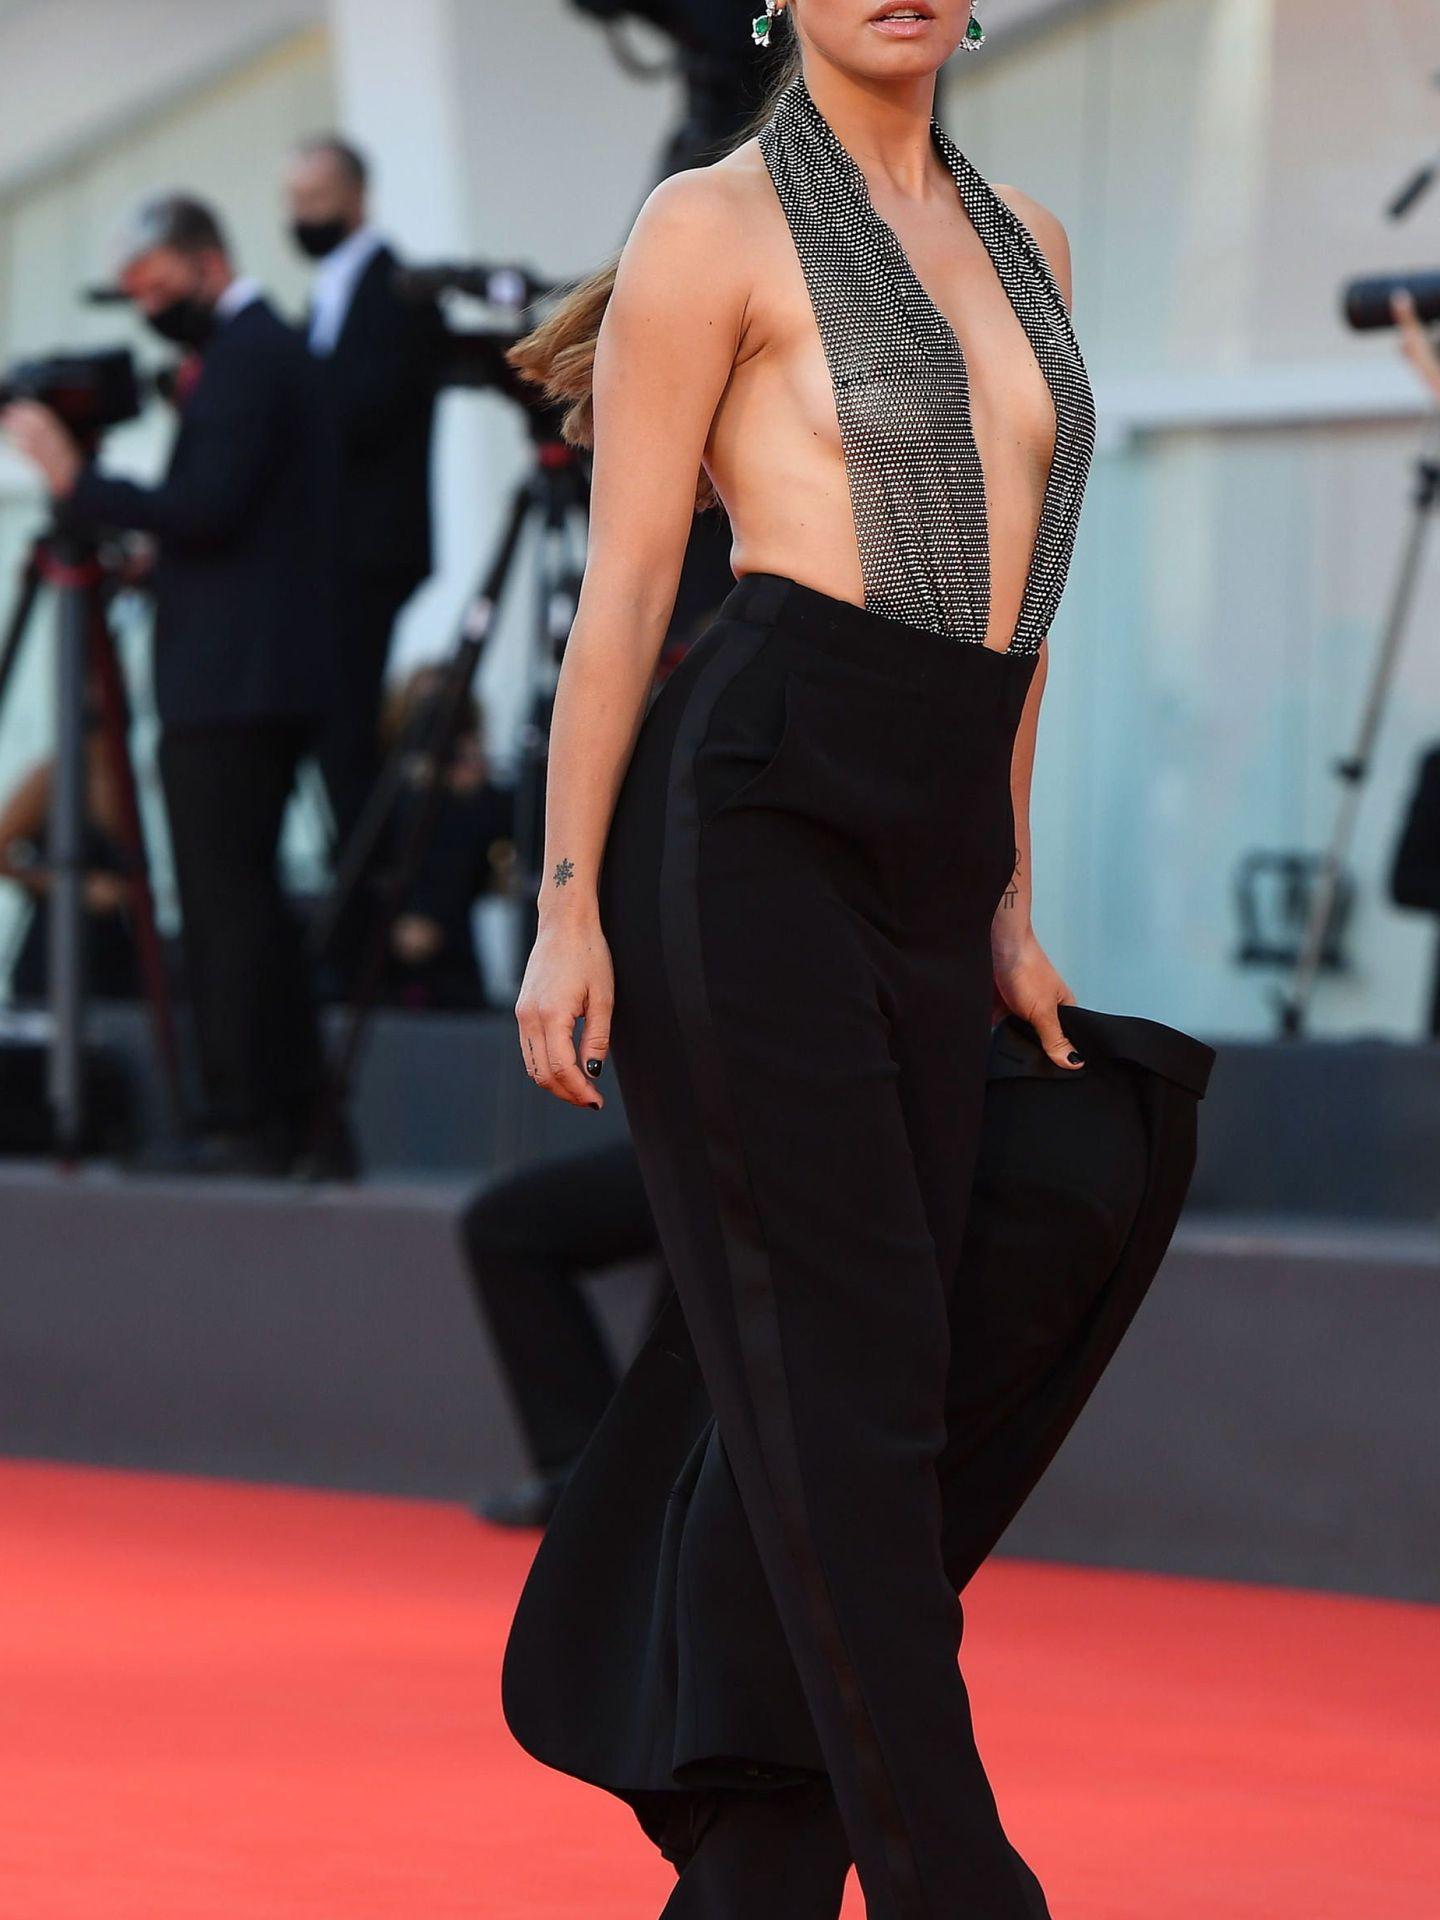 La actriz Matilde Gioli, en el estreno de 'Miss Marx' con cuerpo metalizado de pronunciado escote y pantalón negro. (EFE)